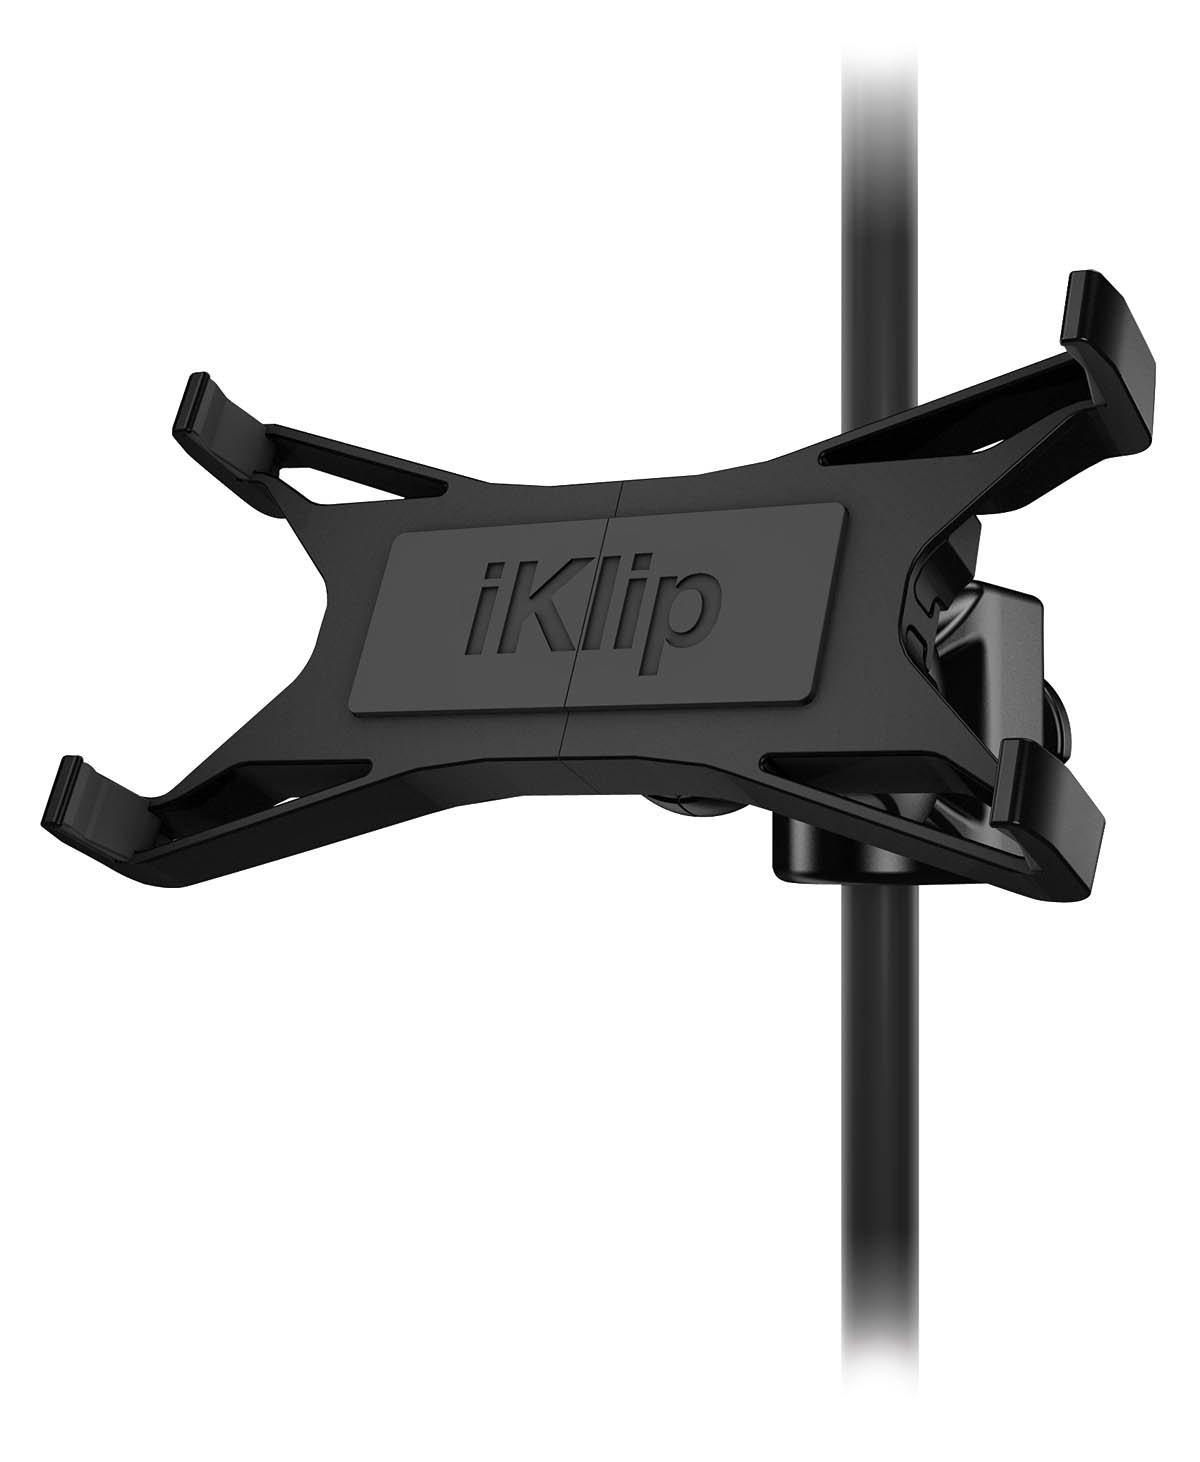 Micro  IK iklip đa phương tiện XPAND General micro đứng hỗ trợ iPad và máy tính bảng